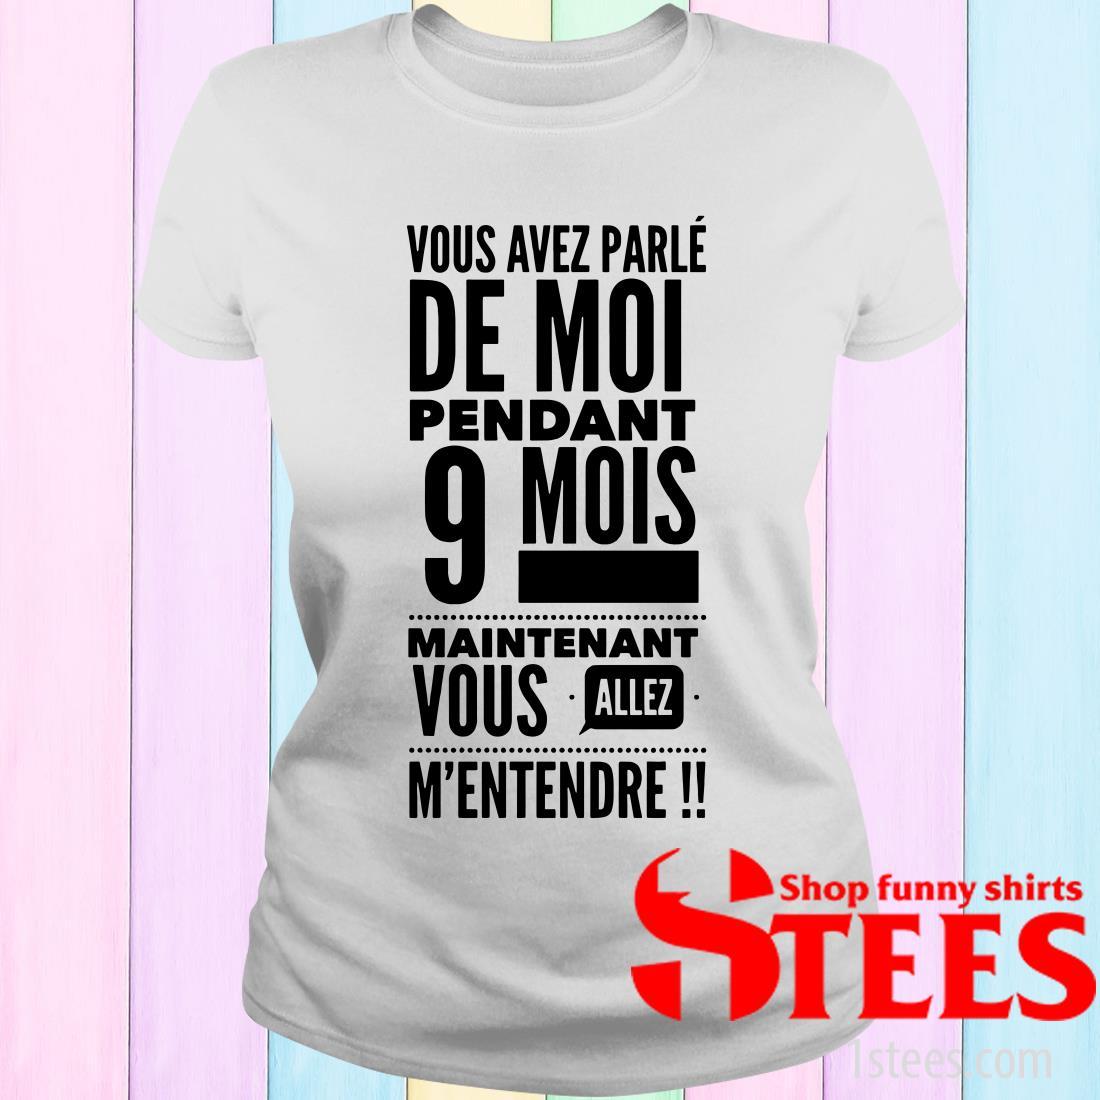 Vous Avez Parle De Moi Pendant 9 Mois Women's T-Shirt